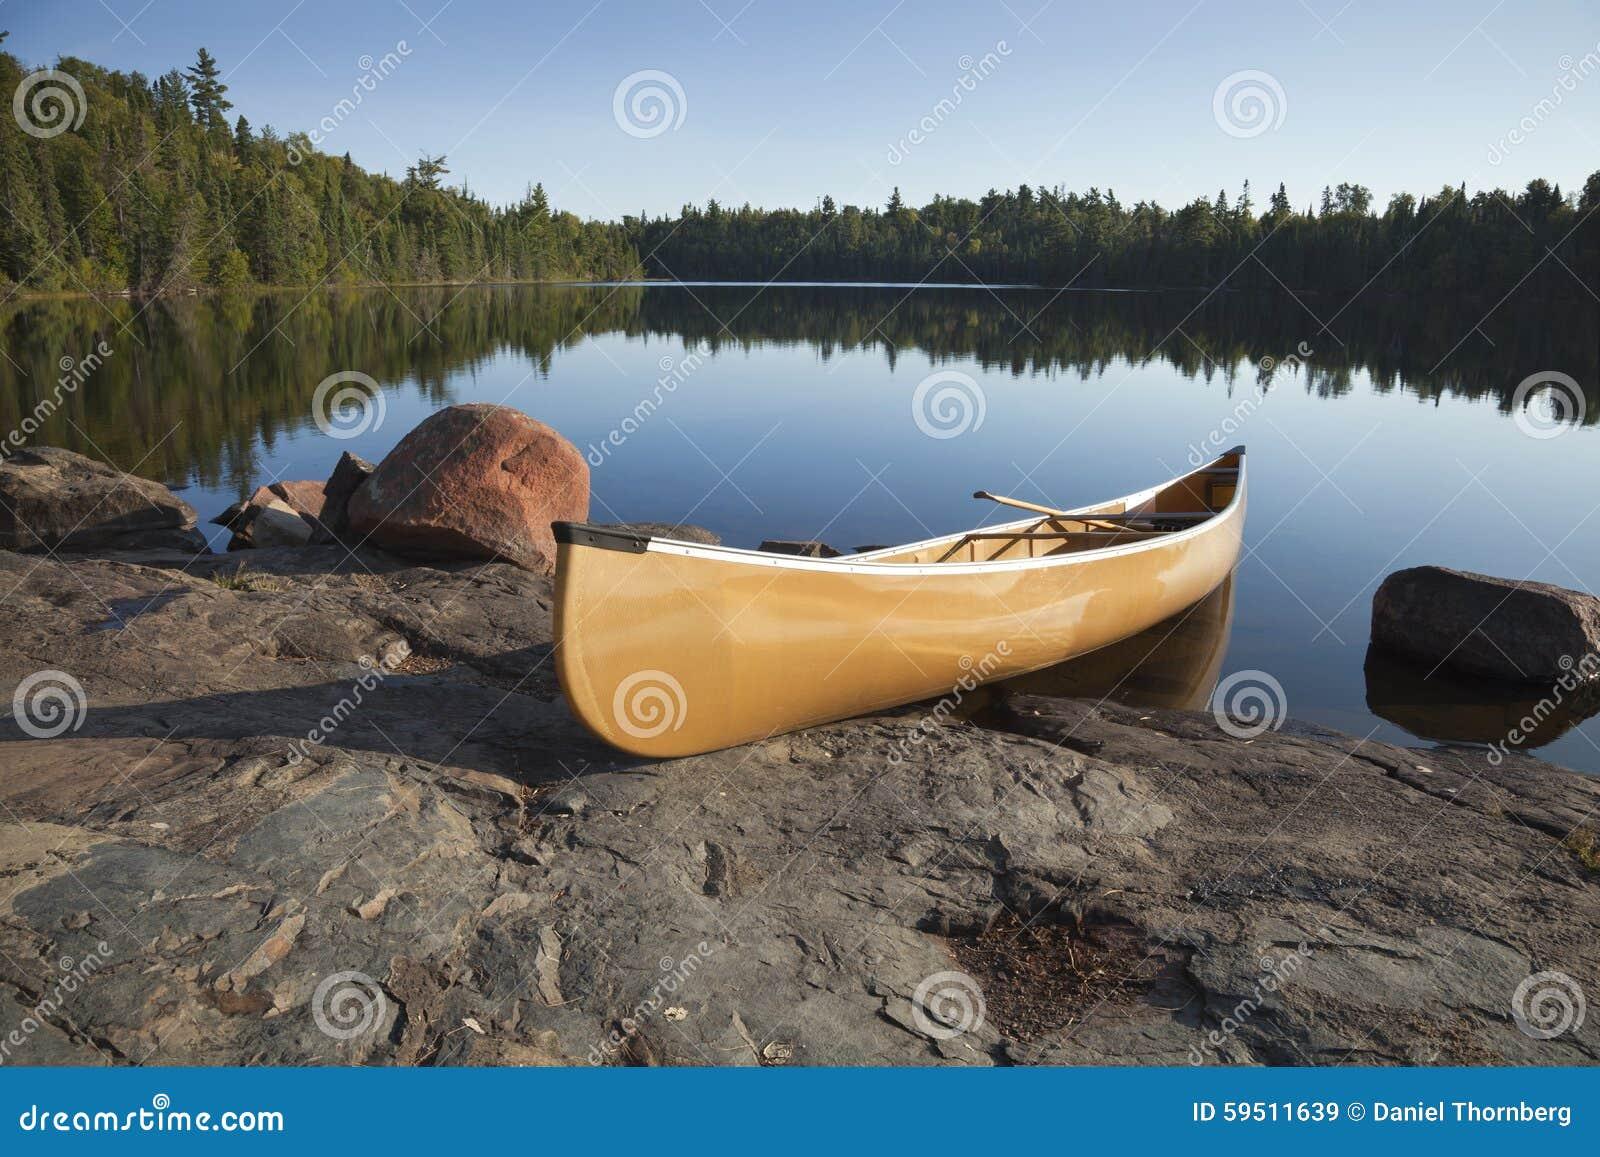 Canoa amarela na costa rochosa do lago calmo com pinheiros